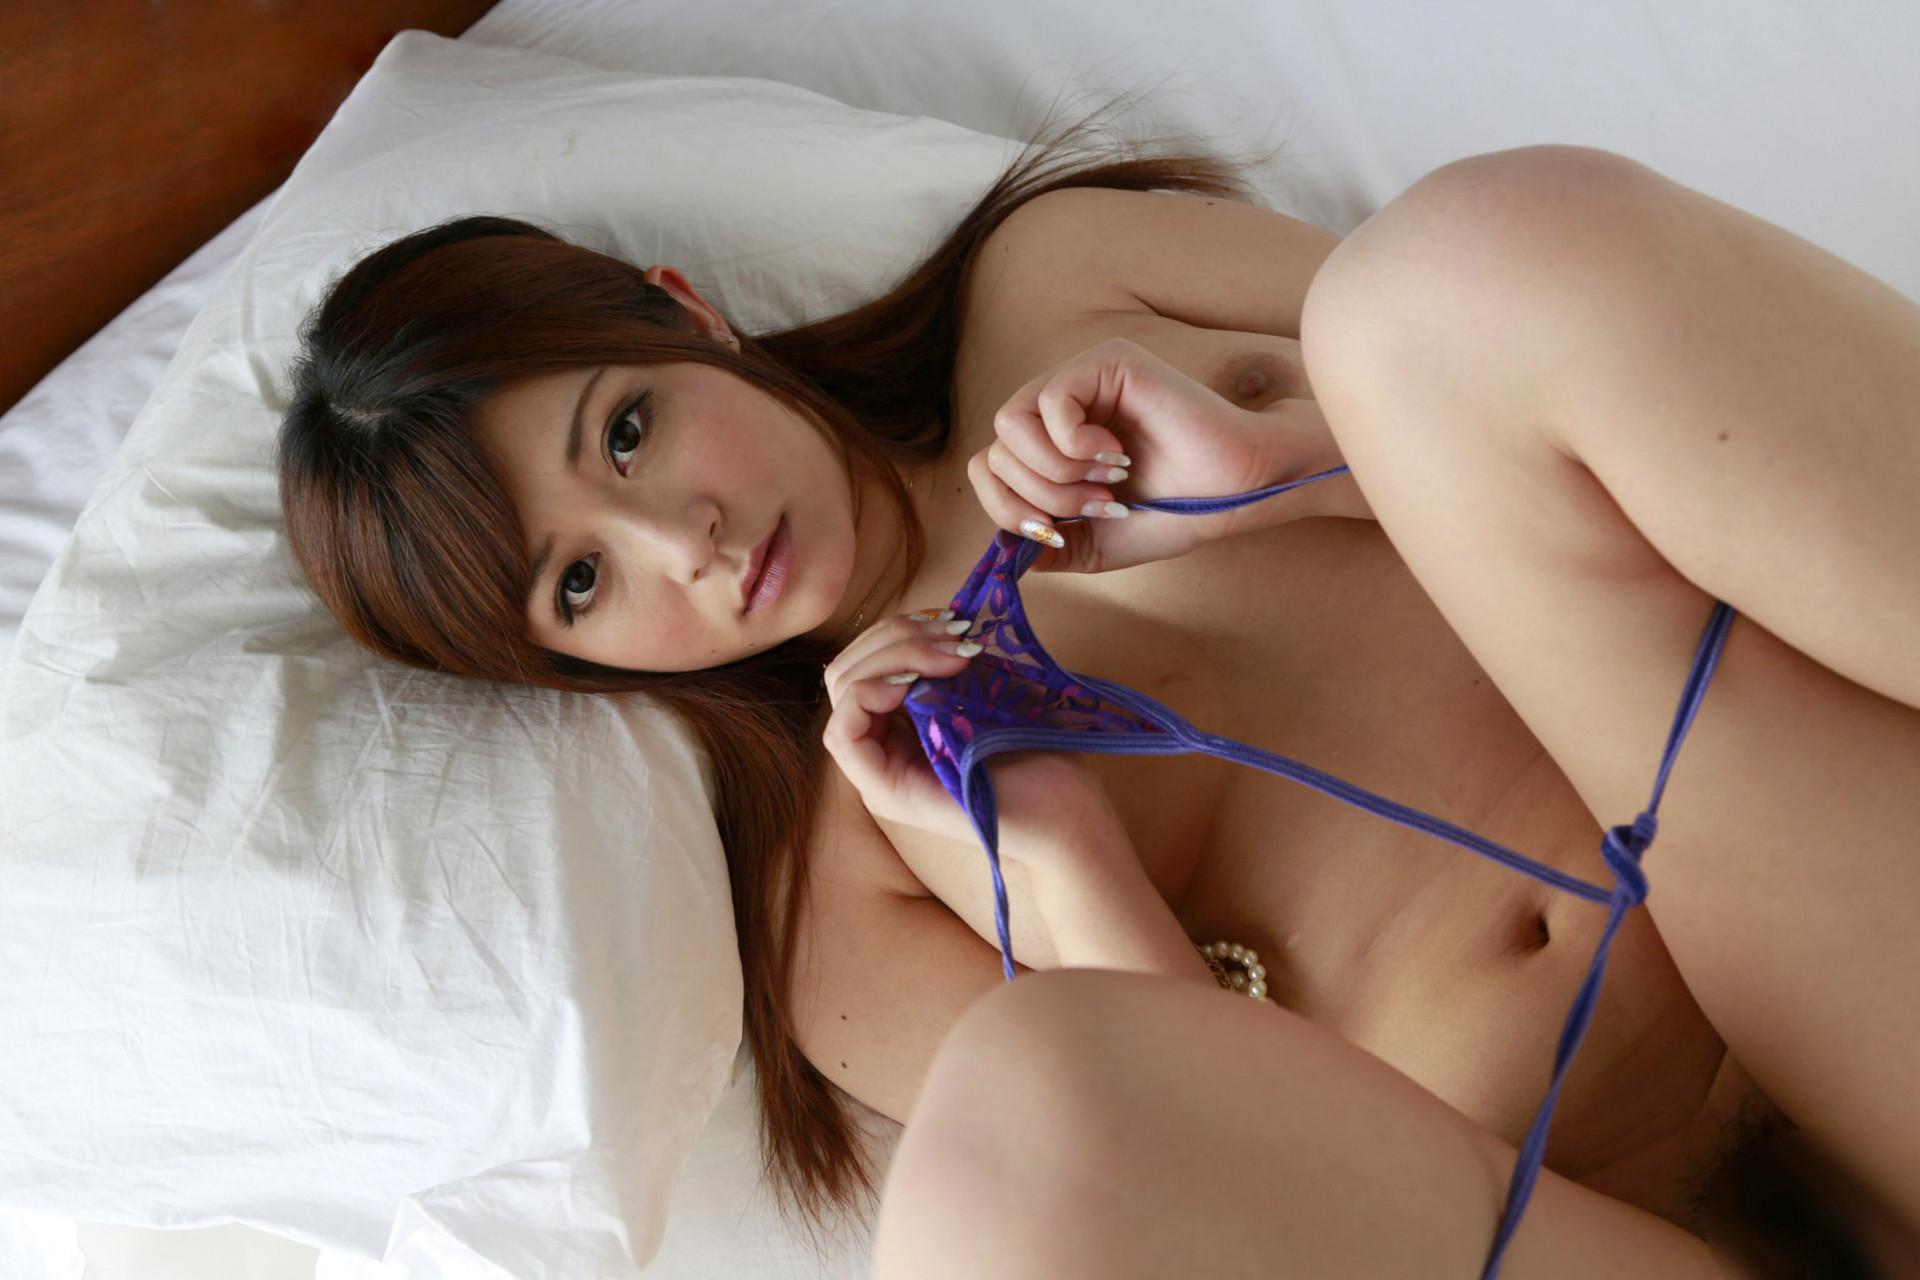 さとう遥希(さとうはるき) 画像 23